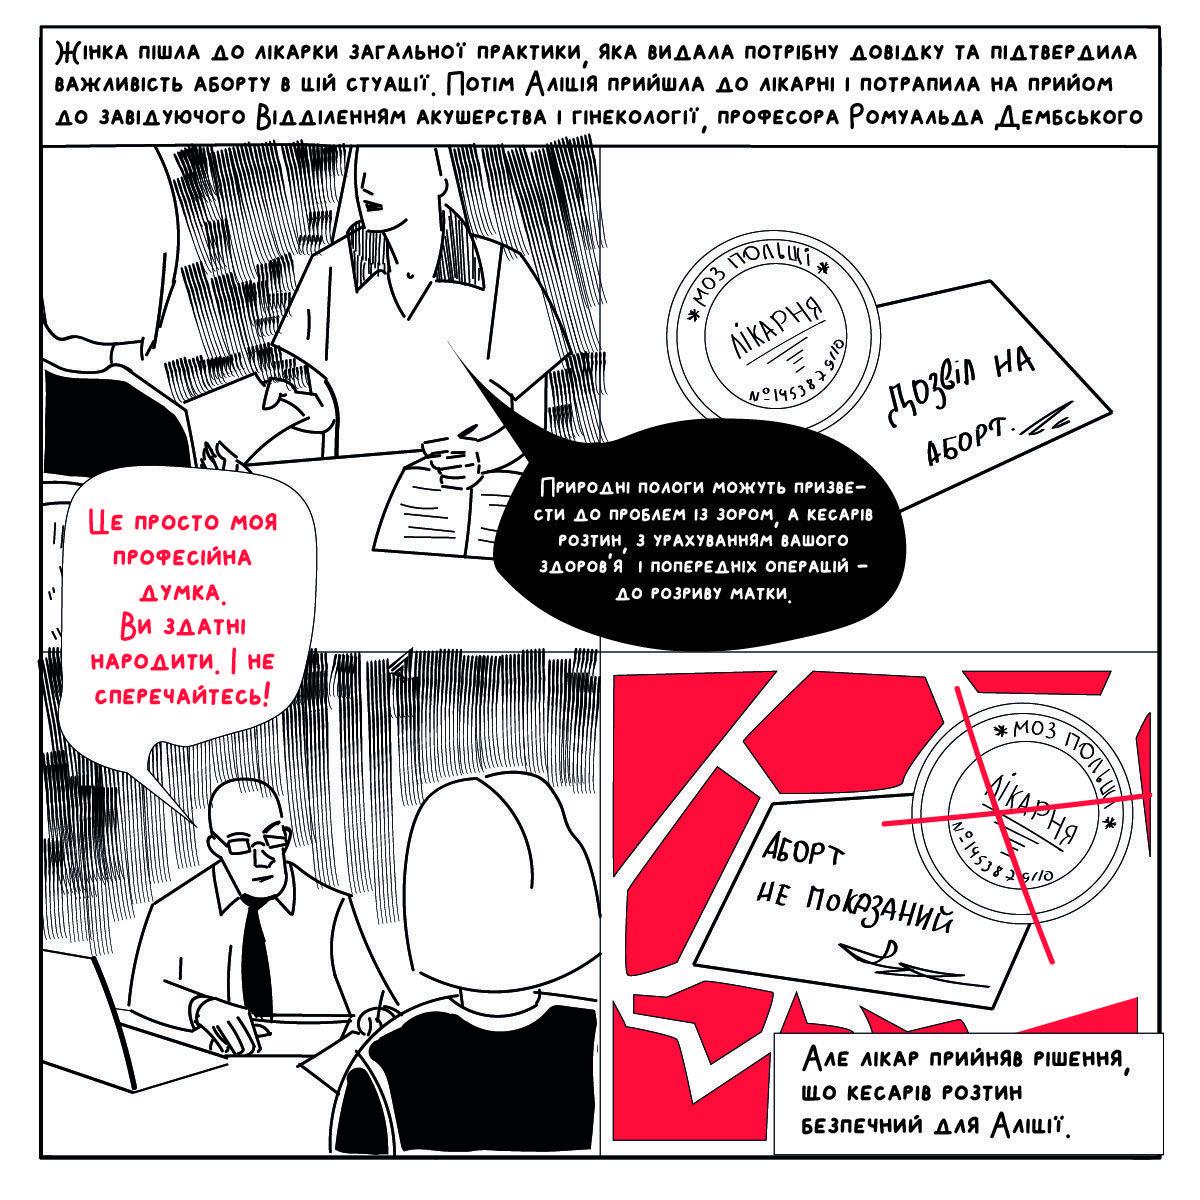 abortion in poland comics ua 03 - <b>Вам заборонені аборти.</b> Комікс Насті Оприщенко про те, як в Польщі обмежують права жінок - Заборона